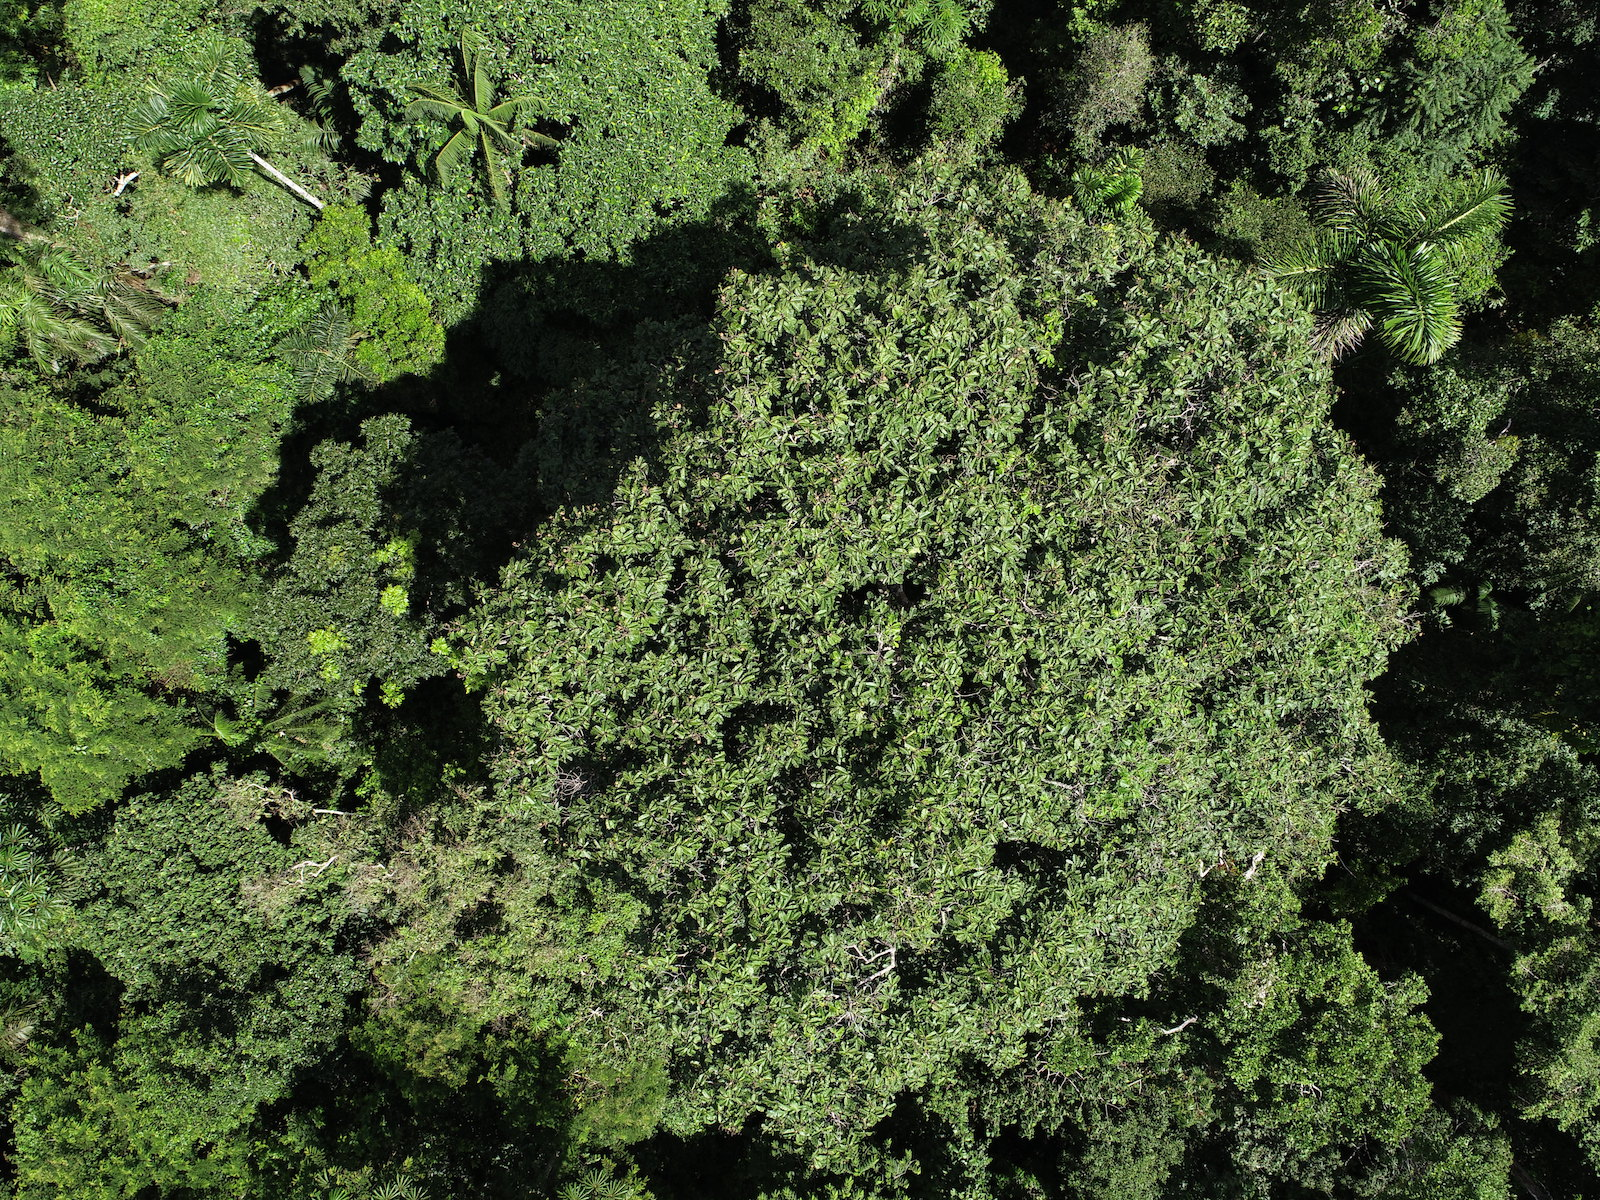 140 árboles de castaña son monitoreados por los drones del proyecto Aerobotany. Foto: AmazonWired /San Diego Zoo Global.